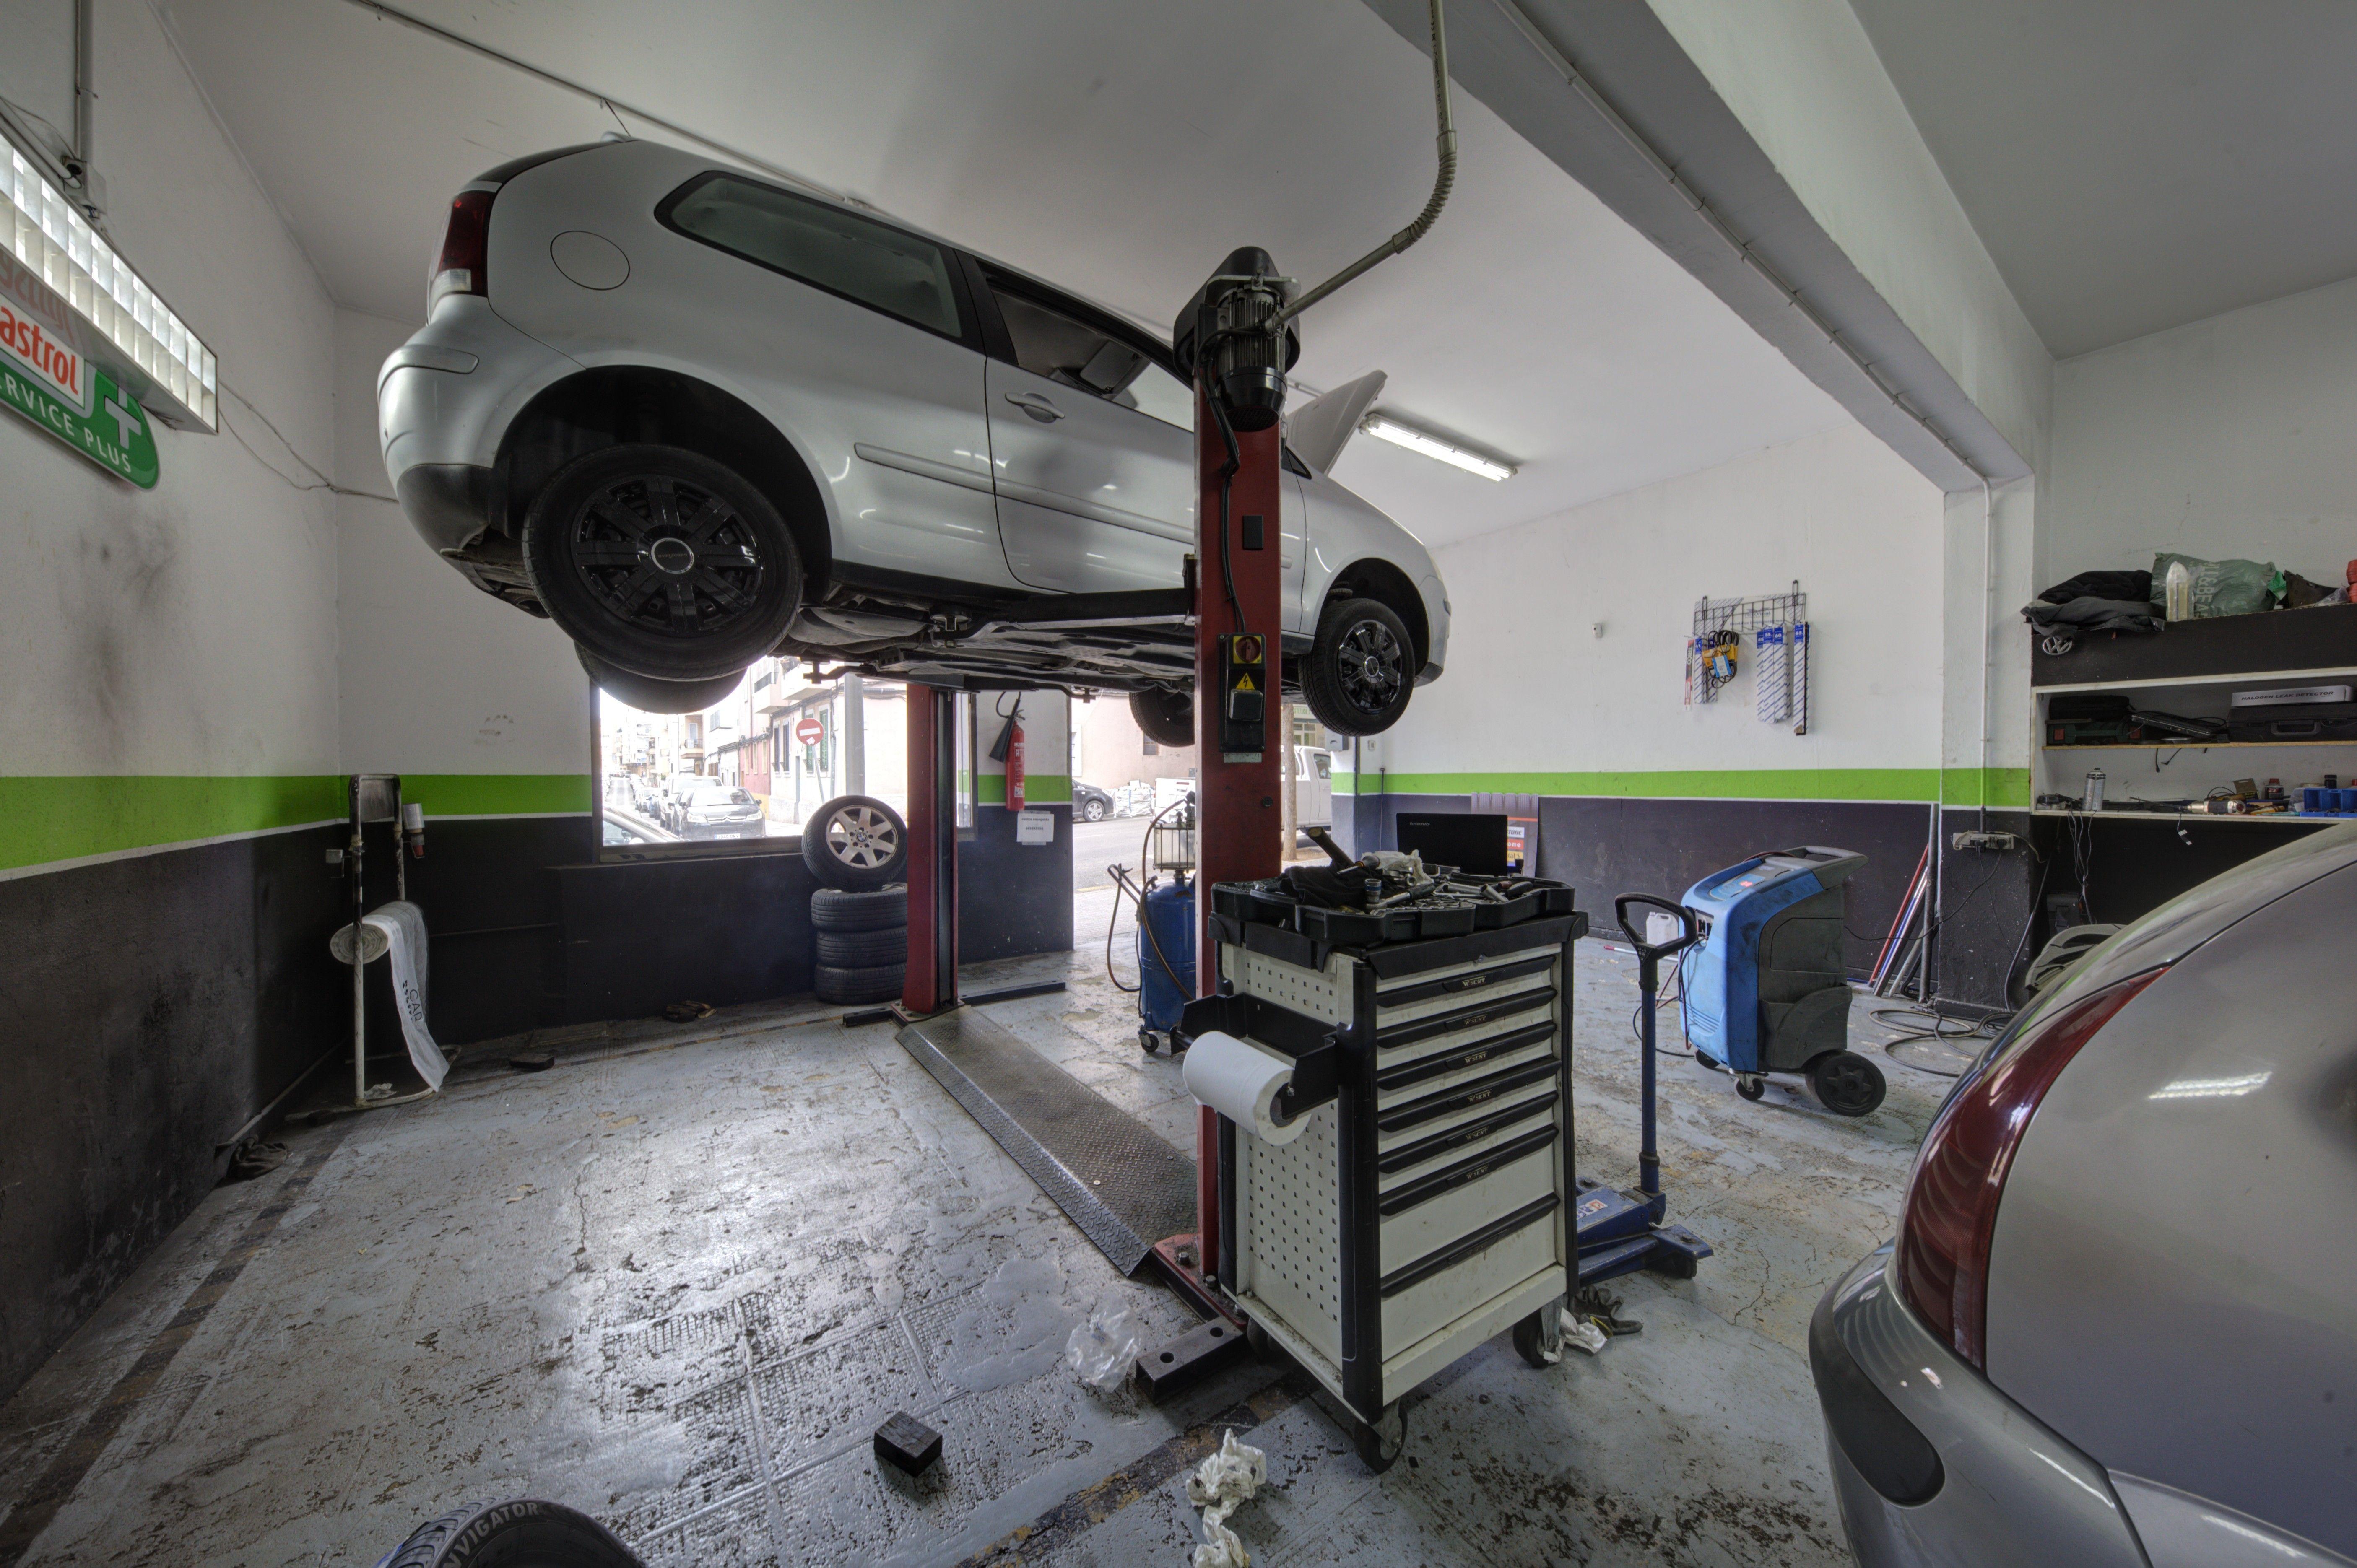 Diagnosis de vehículos en Palma de Mallorca